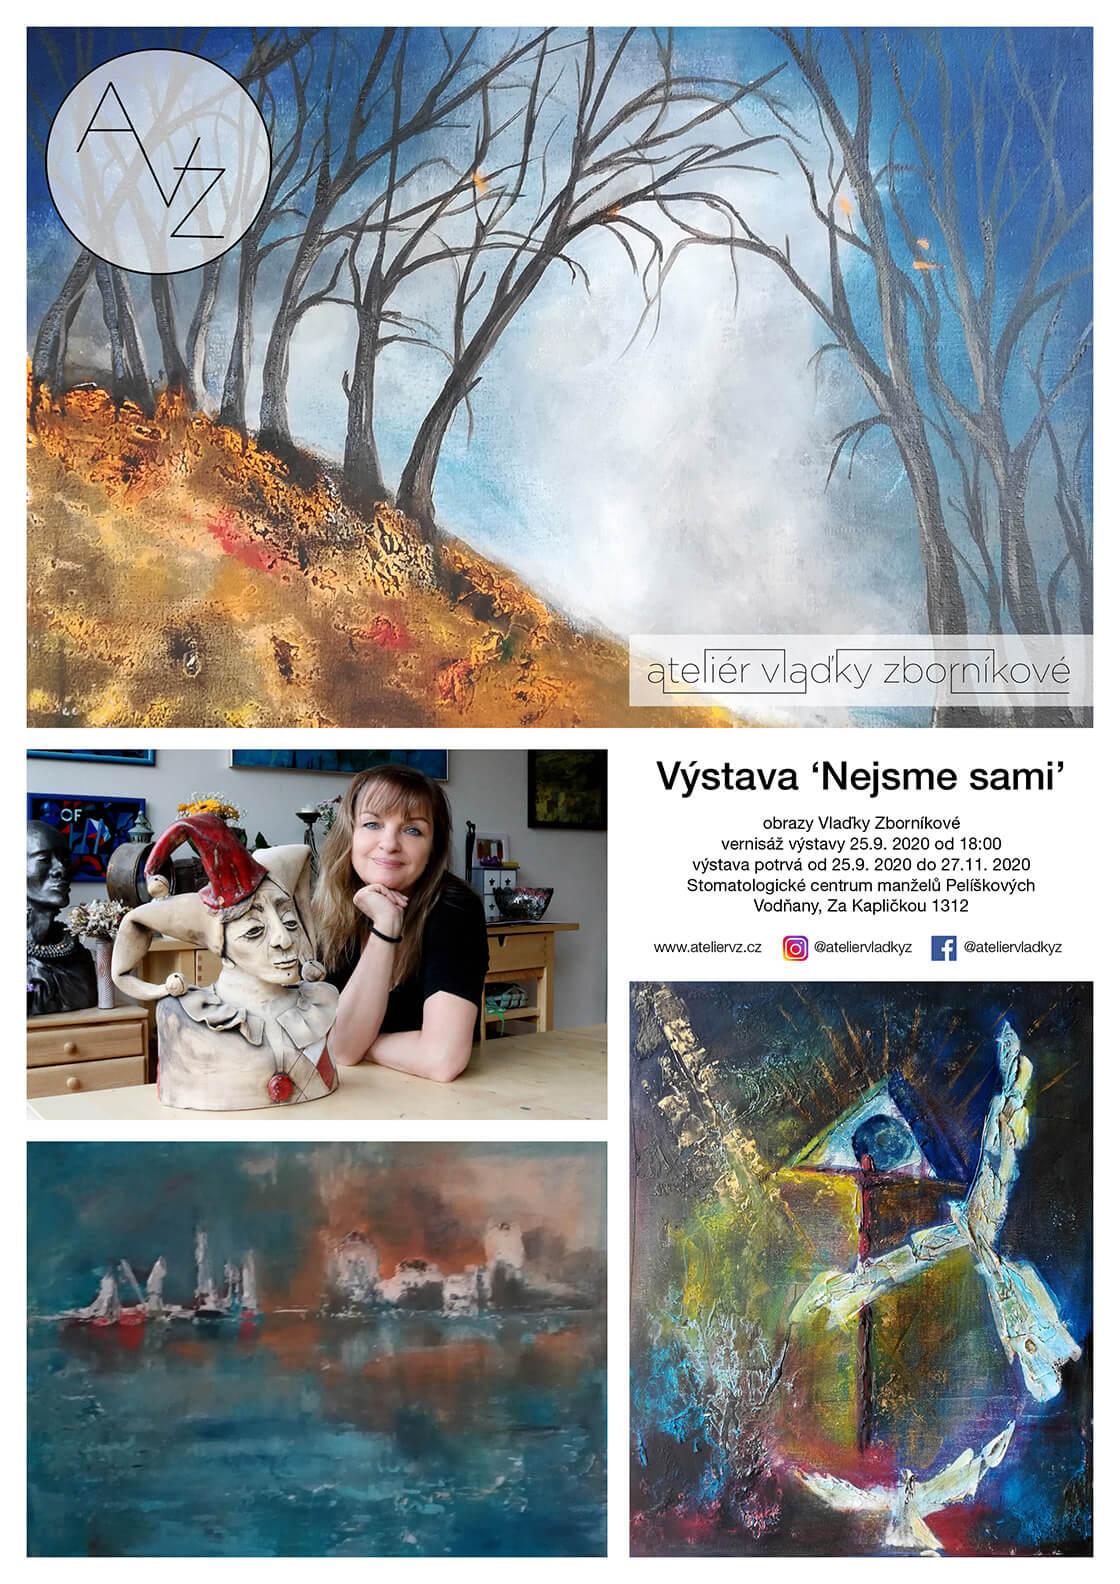 pozvánka na vernisáž a výstavu obrazů Vlaďky Zborníkové ve Vodňanech 2020